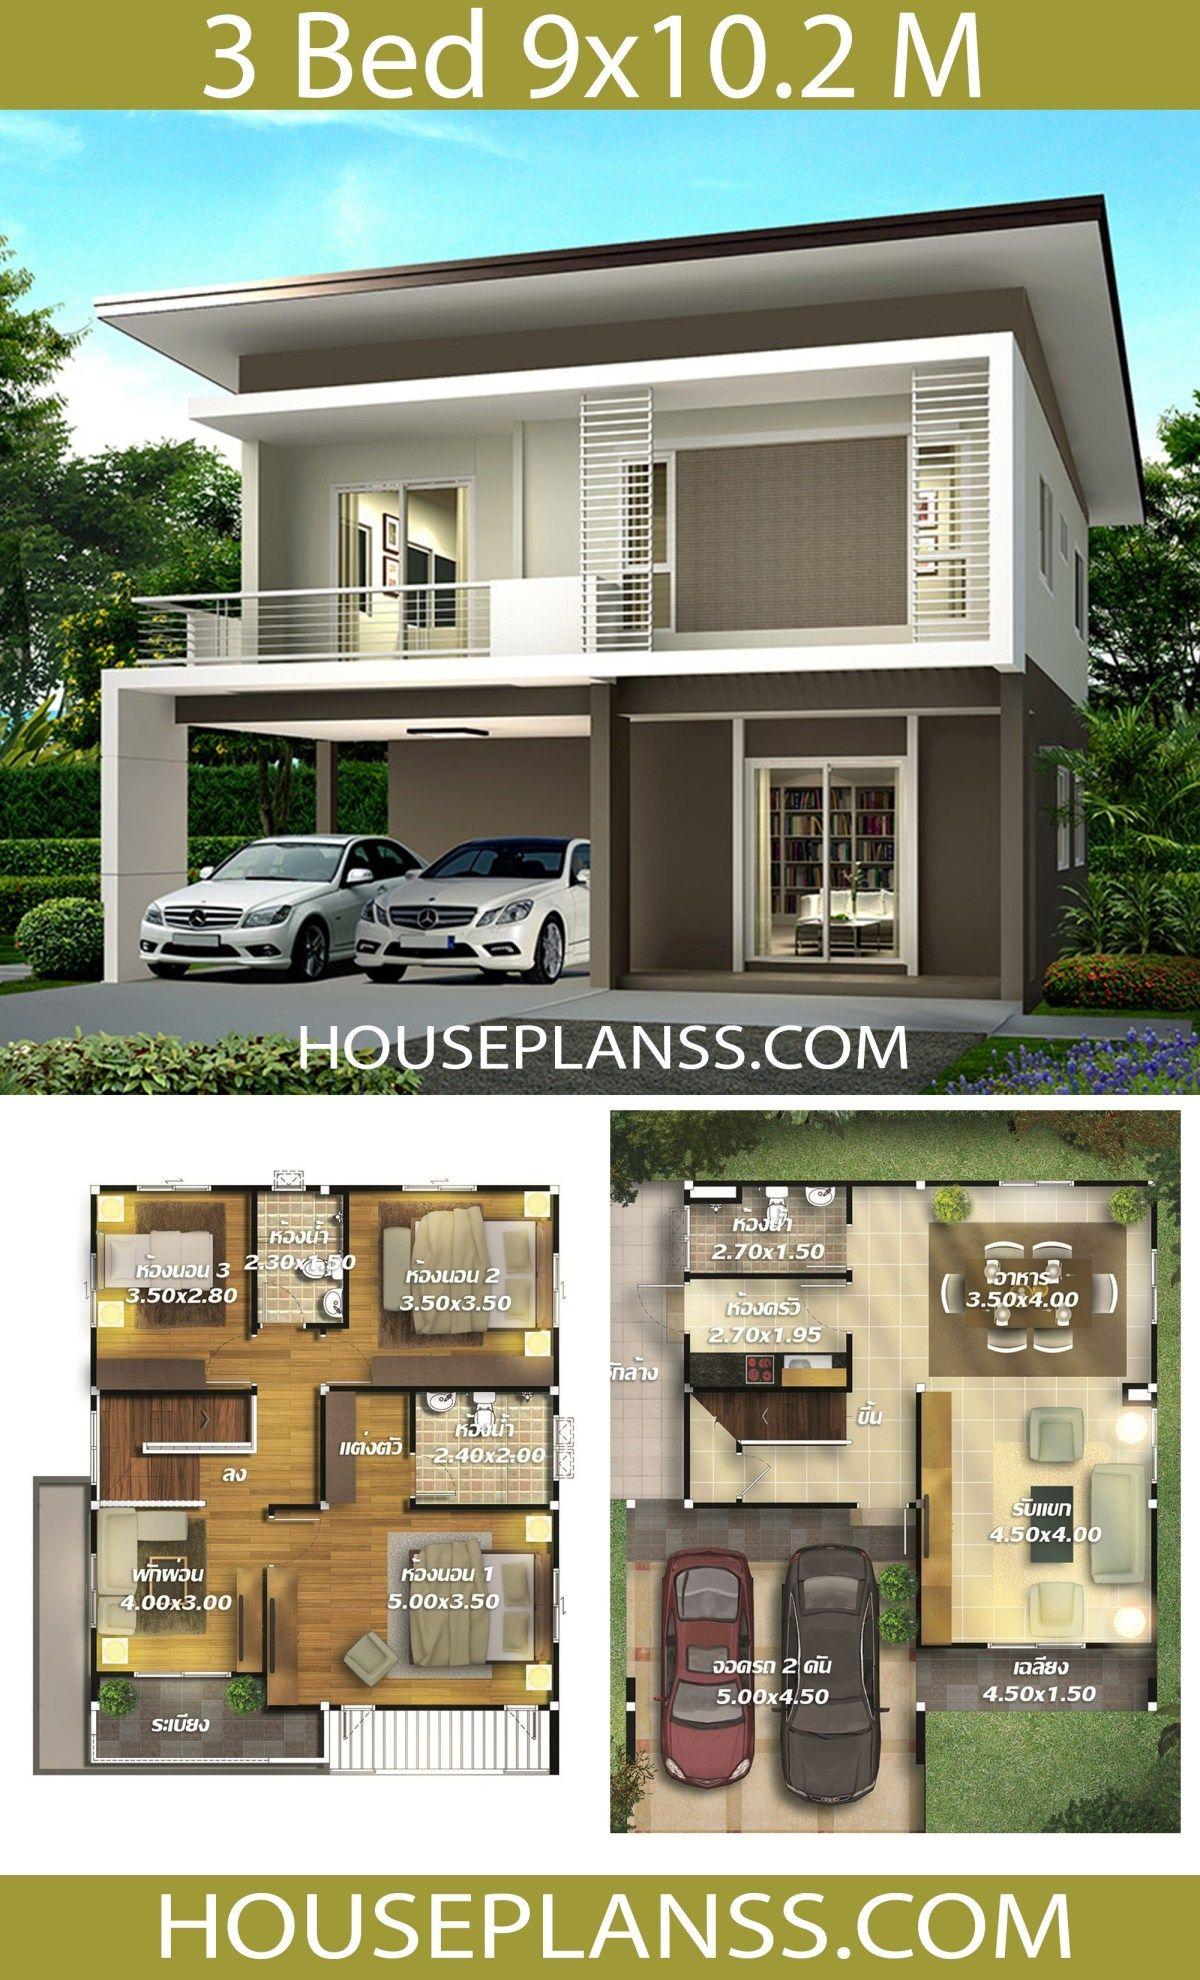 House Plans Idea 9x10 2 With 3 Bedrooms House Plans 3d In 2020 Unique House Plans Model House Plan Duplex House Design